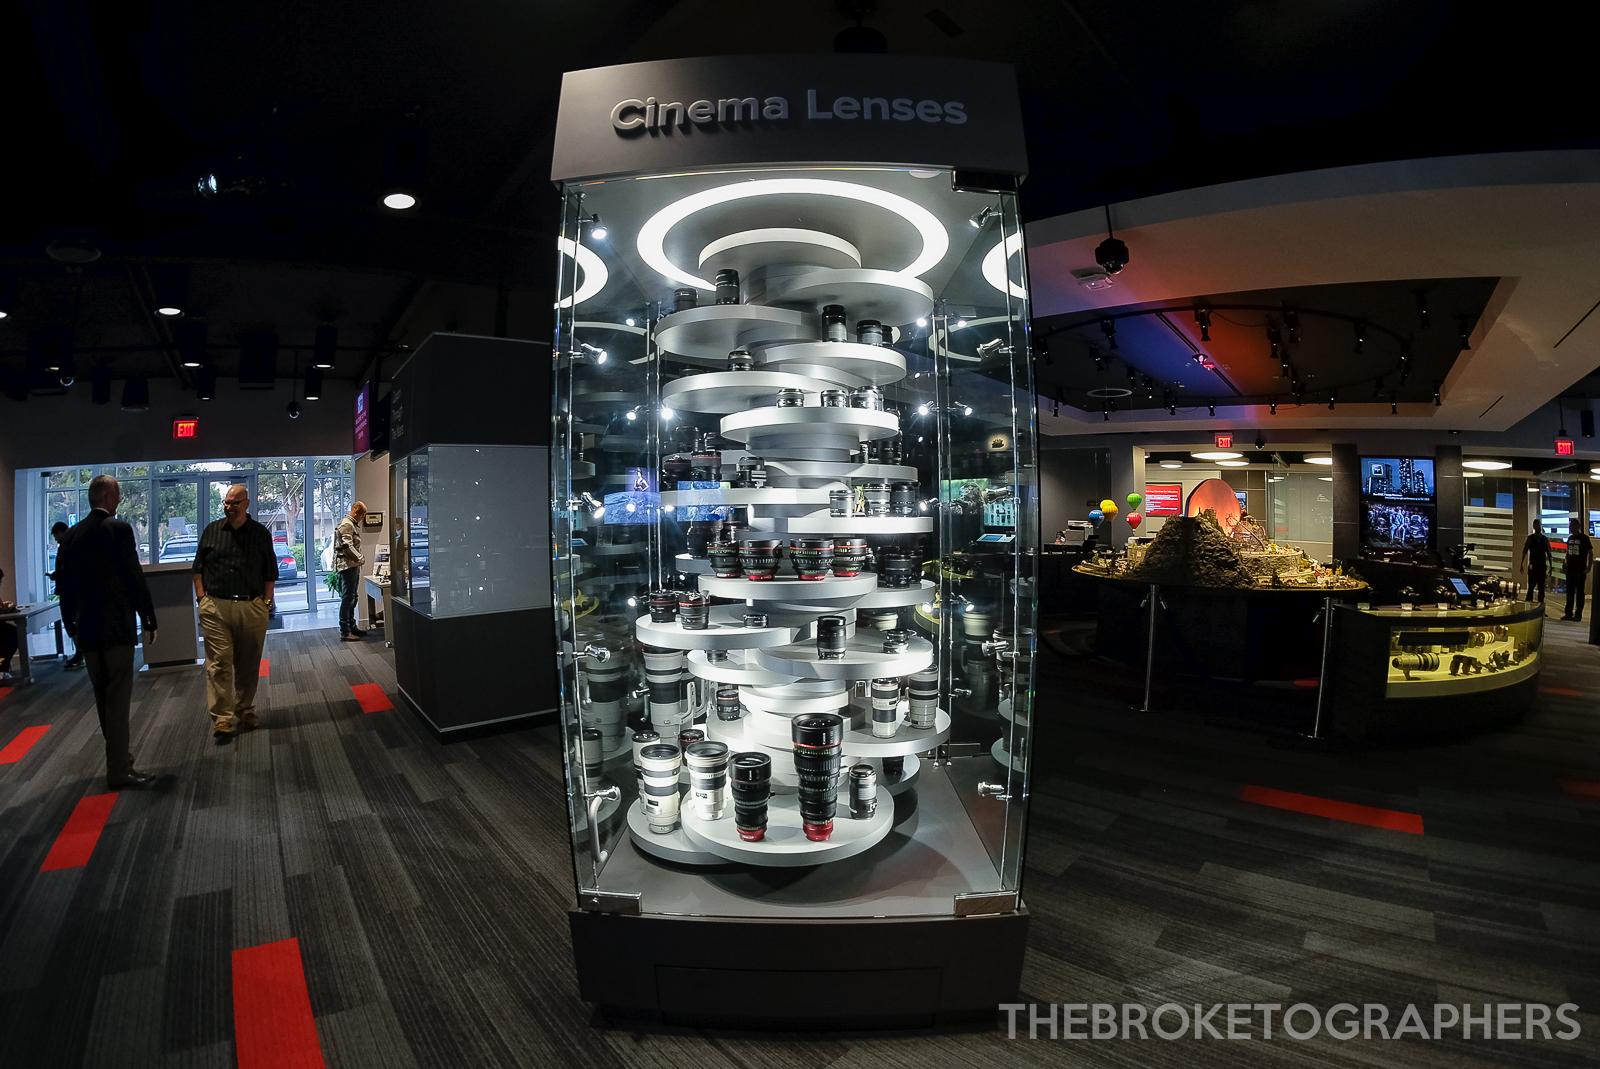 Lens Display, Canon Experience Center - Costa Mesa, CA